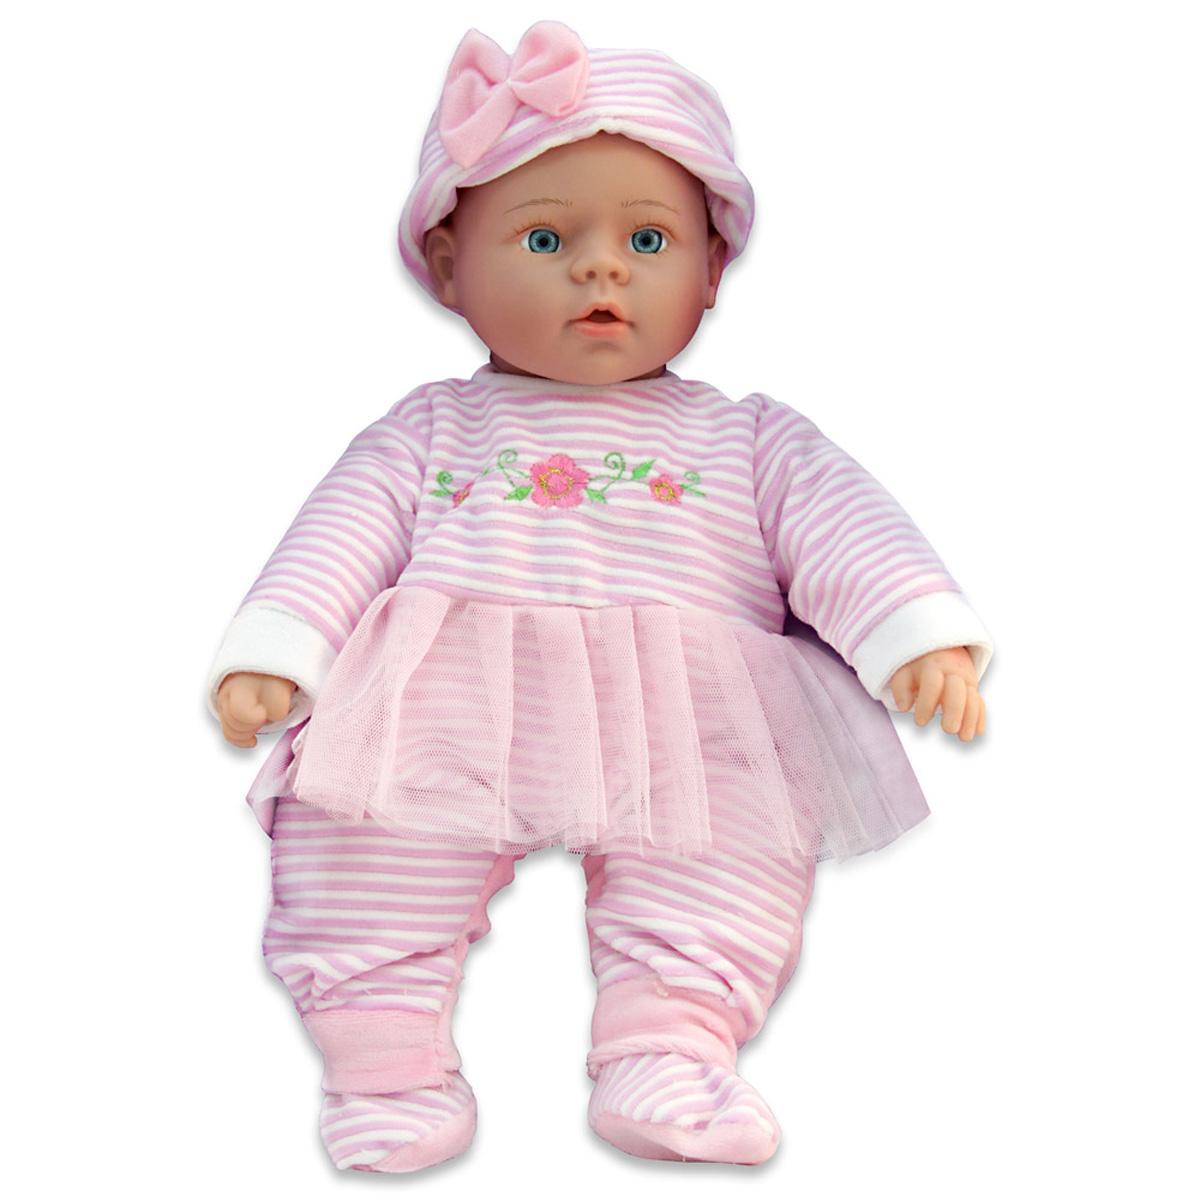 Lisa Jane Пупс озвученный цвет одежды розовый белый сумки lisa jane сумка детская